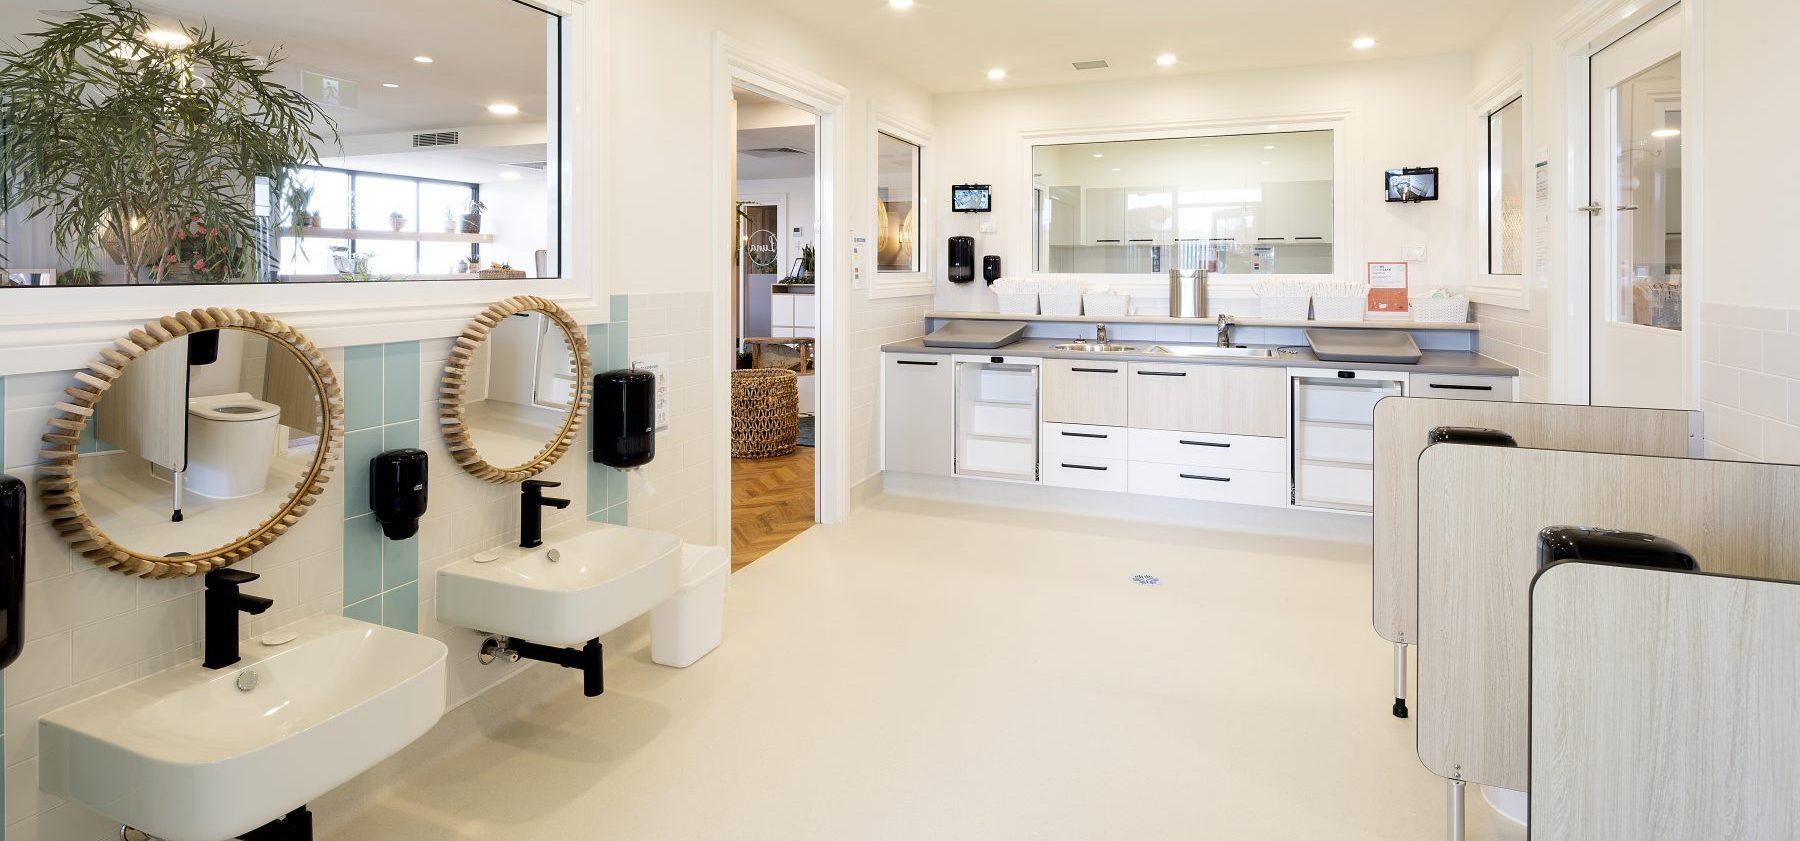 Harmony Woolworths Street Interior Bathroom